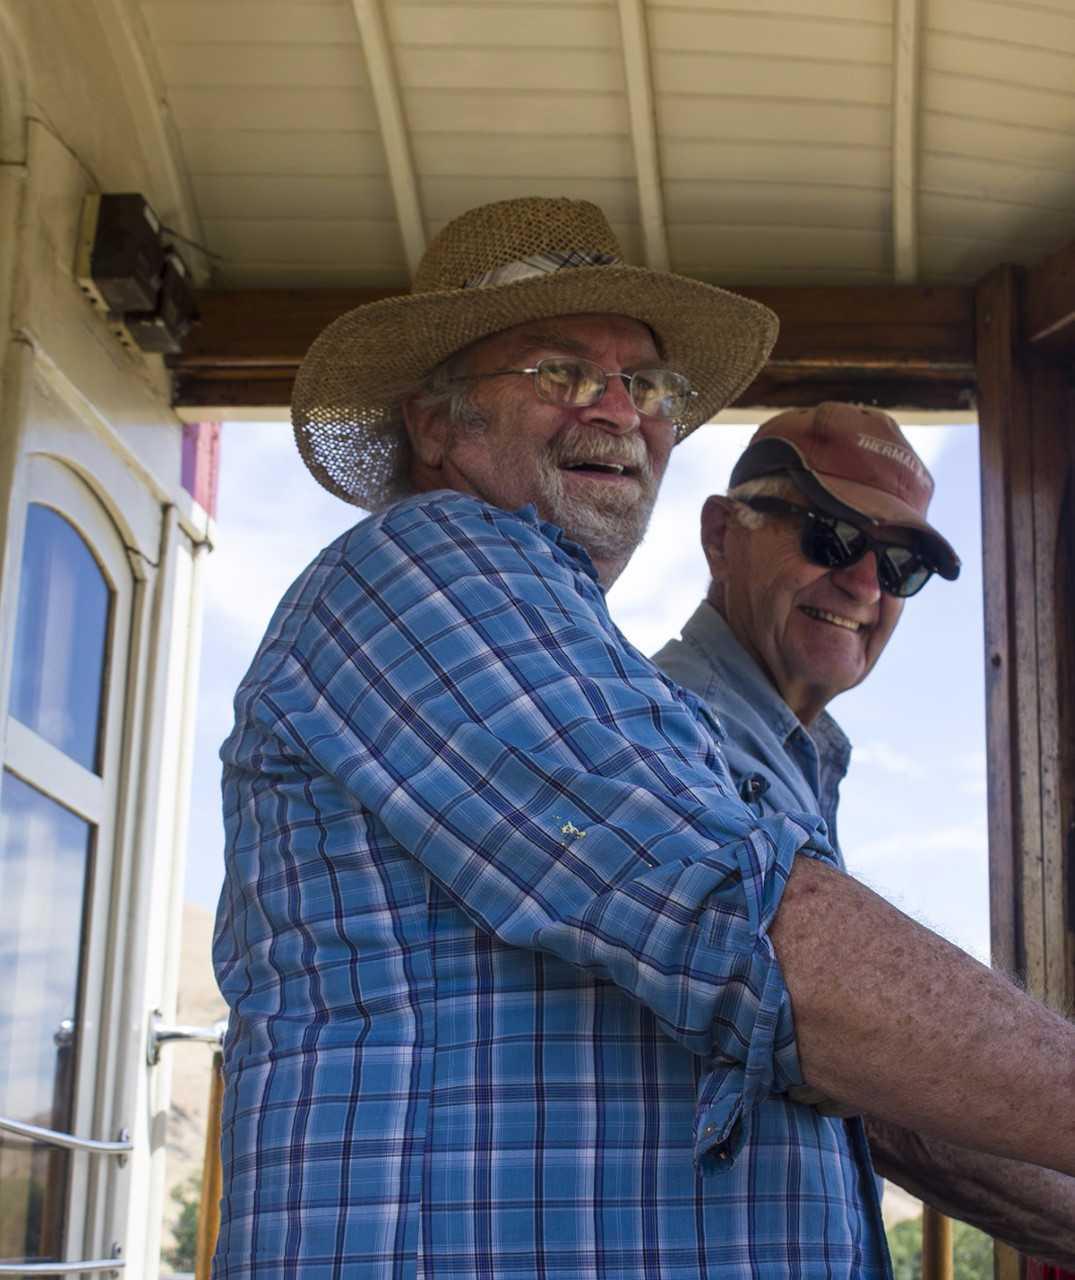 Trolley volunteers Russ Wentworth and Ed Neel